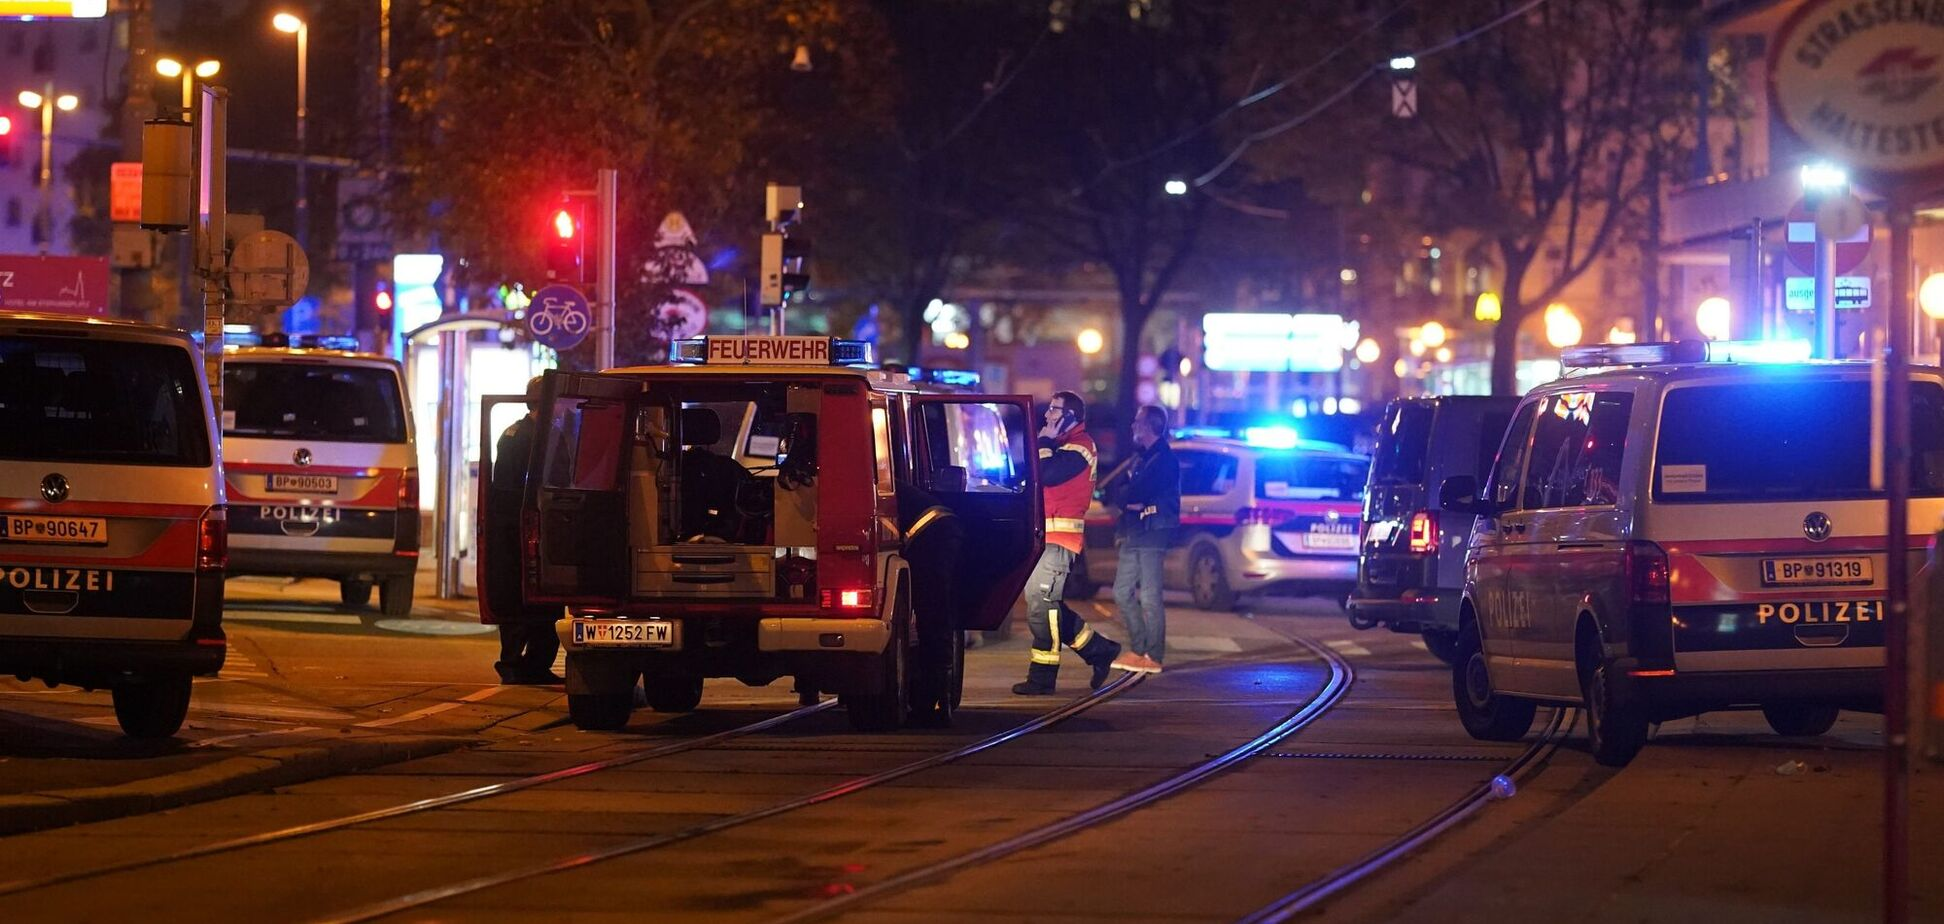 У Відні правоохоронці провели затримання підозрюваних у теракті